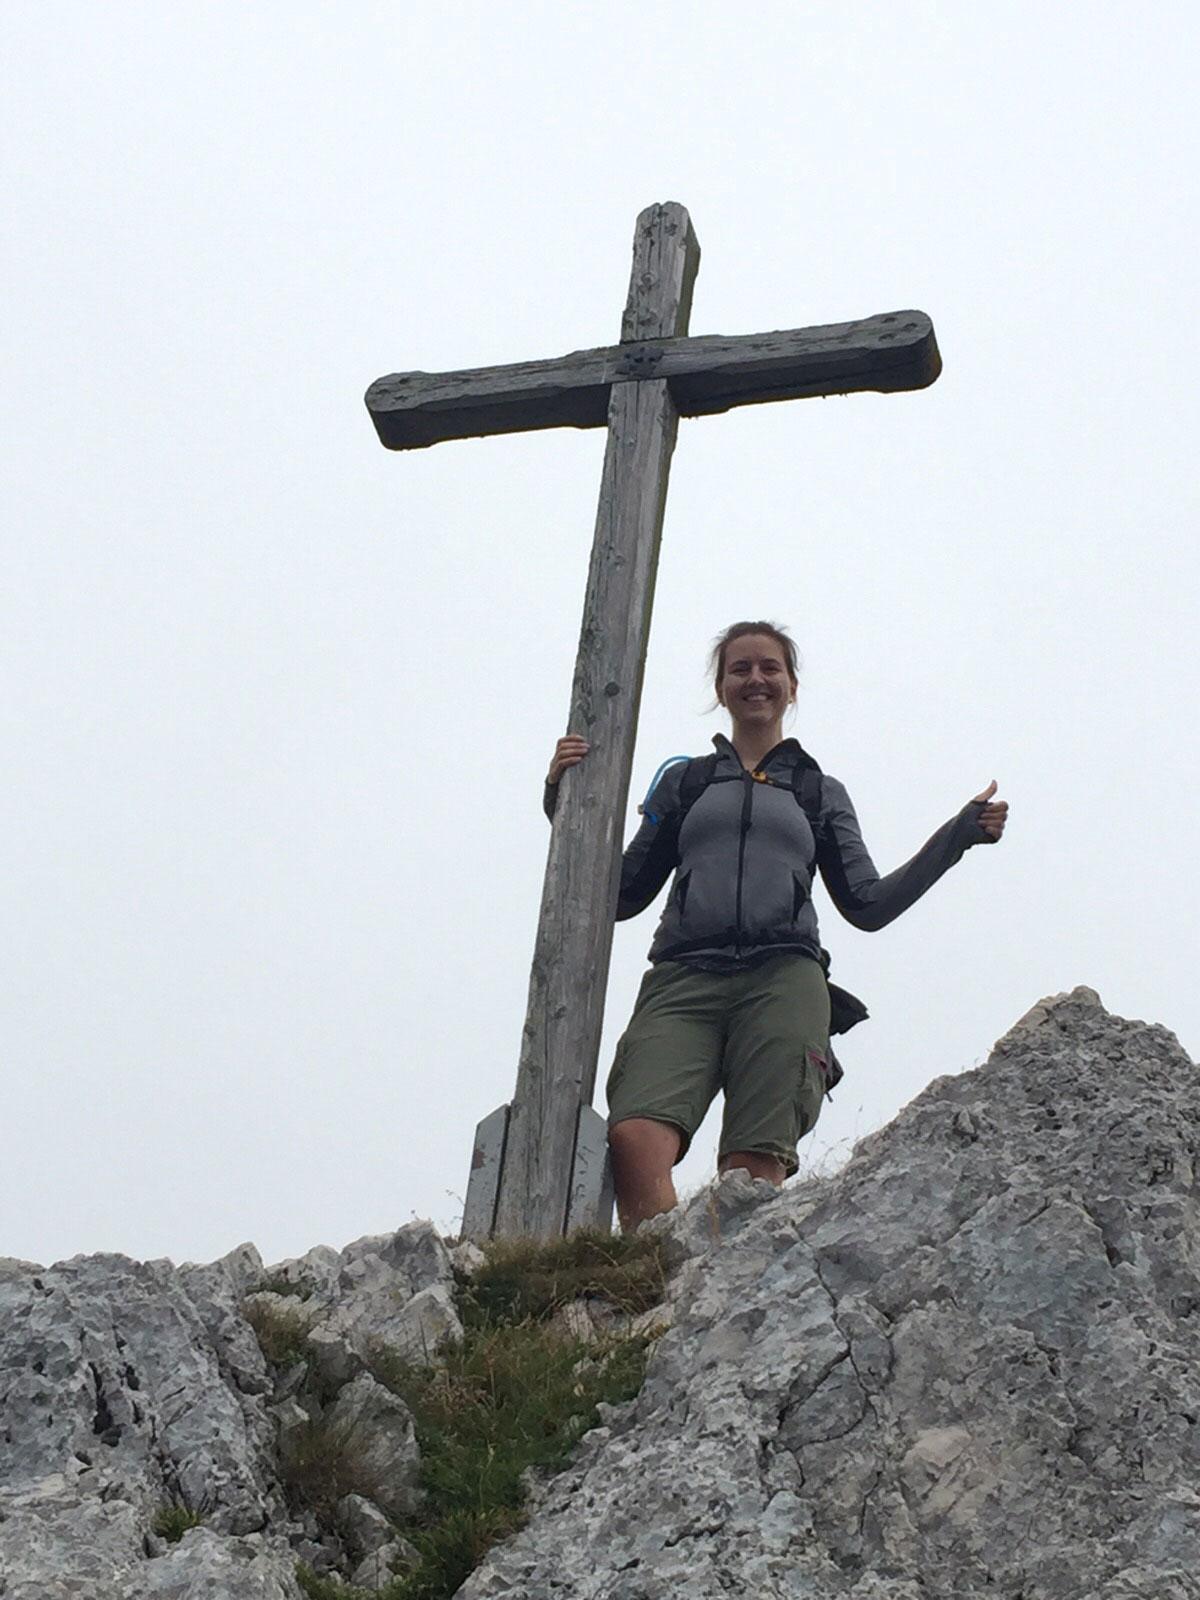 bea-froehlich-wandern-tour-Lacherspitze-gipfelkreuz